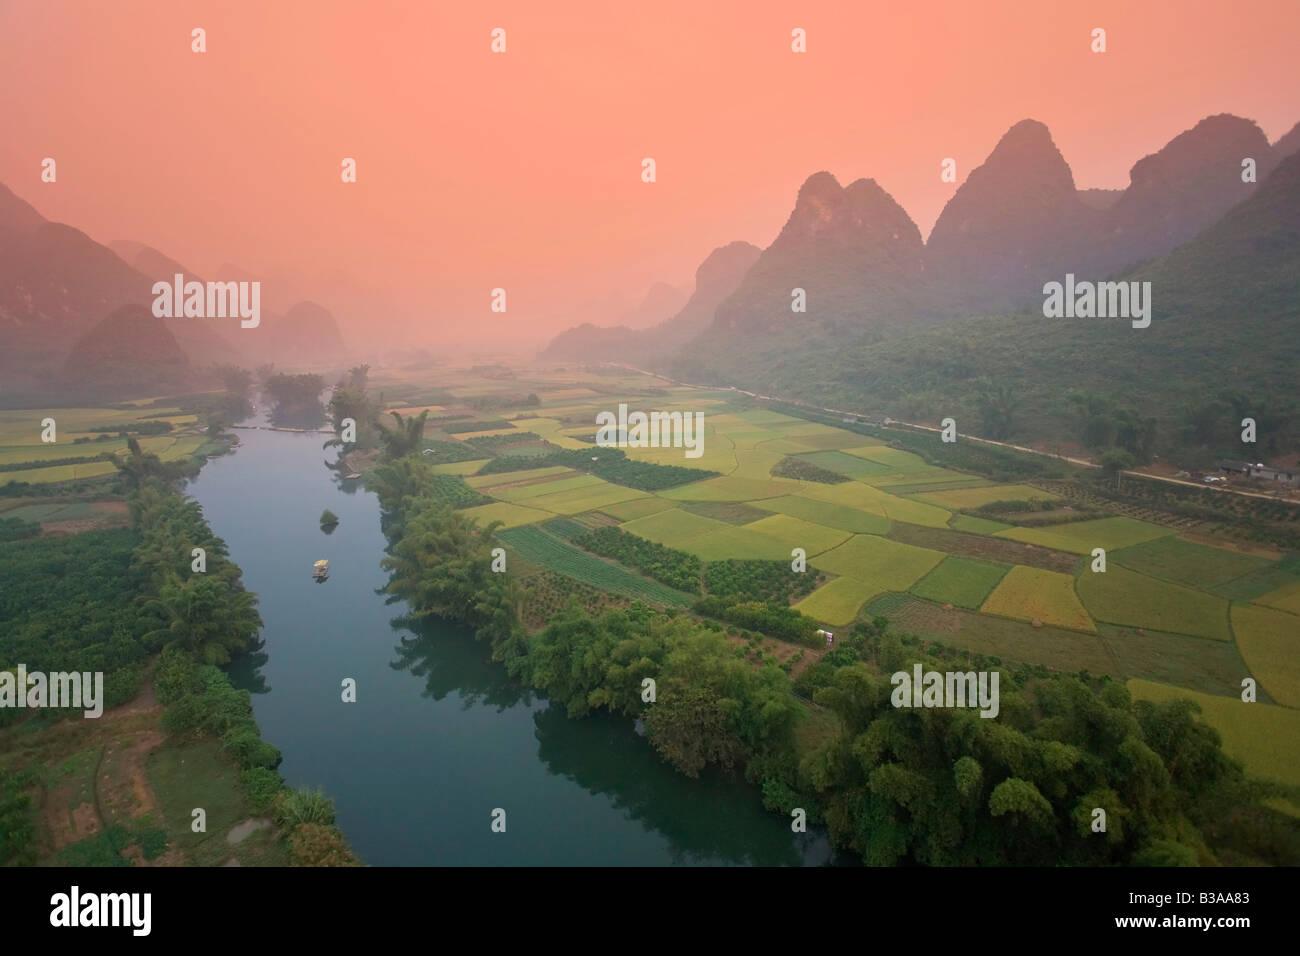 Karst, paisaje de montaña y Río Li desde un globo de aire caliente, Yangshuo y Guilin, Guangxi, China Foto de stock